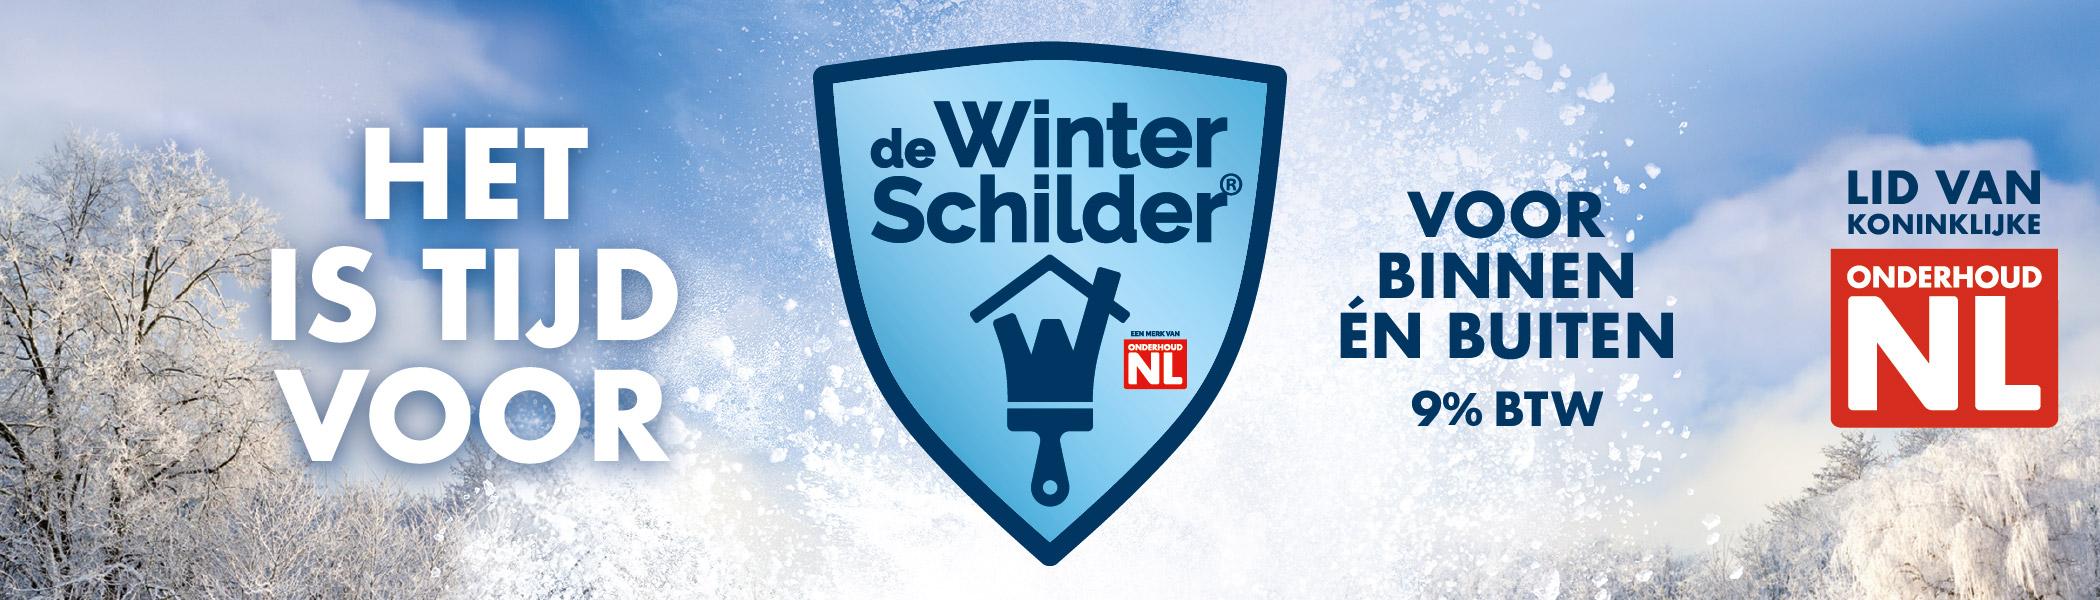 OnderhoudNL-Winterschilder webbanner 1050×300-01